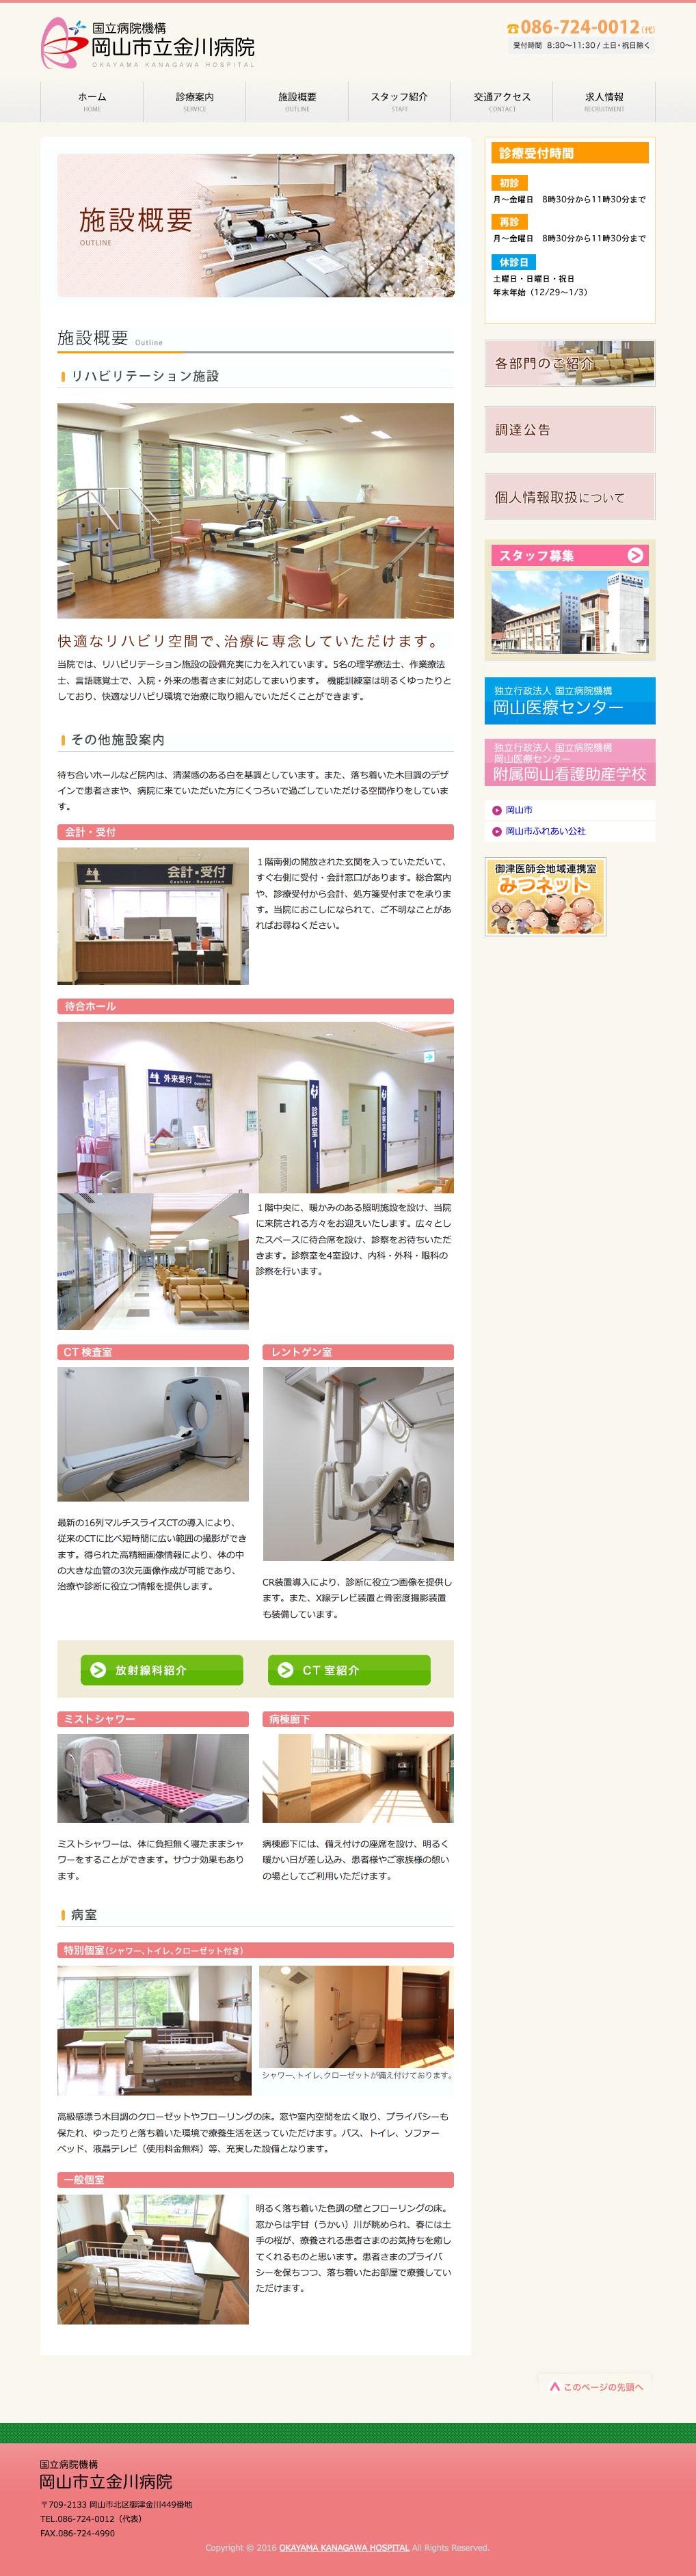 施設概要|国立病院機構岡山市立金川病院